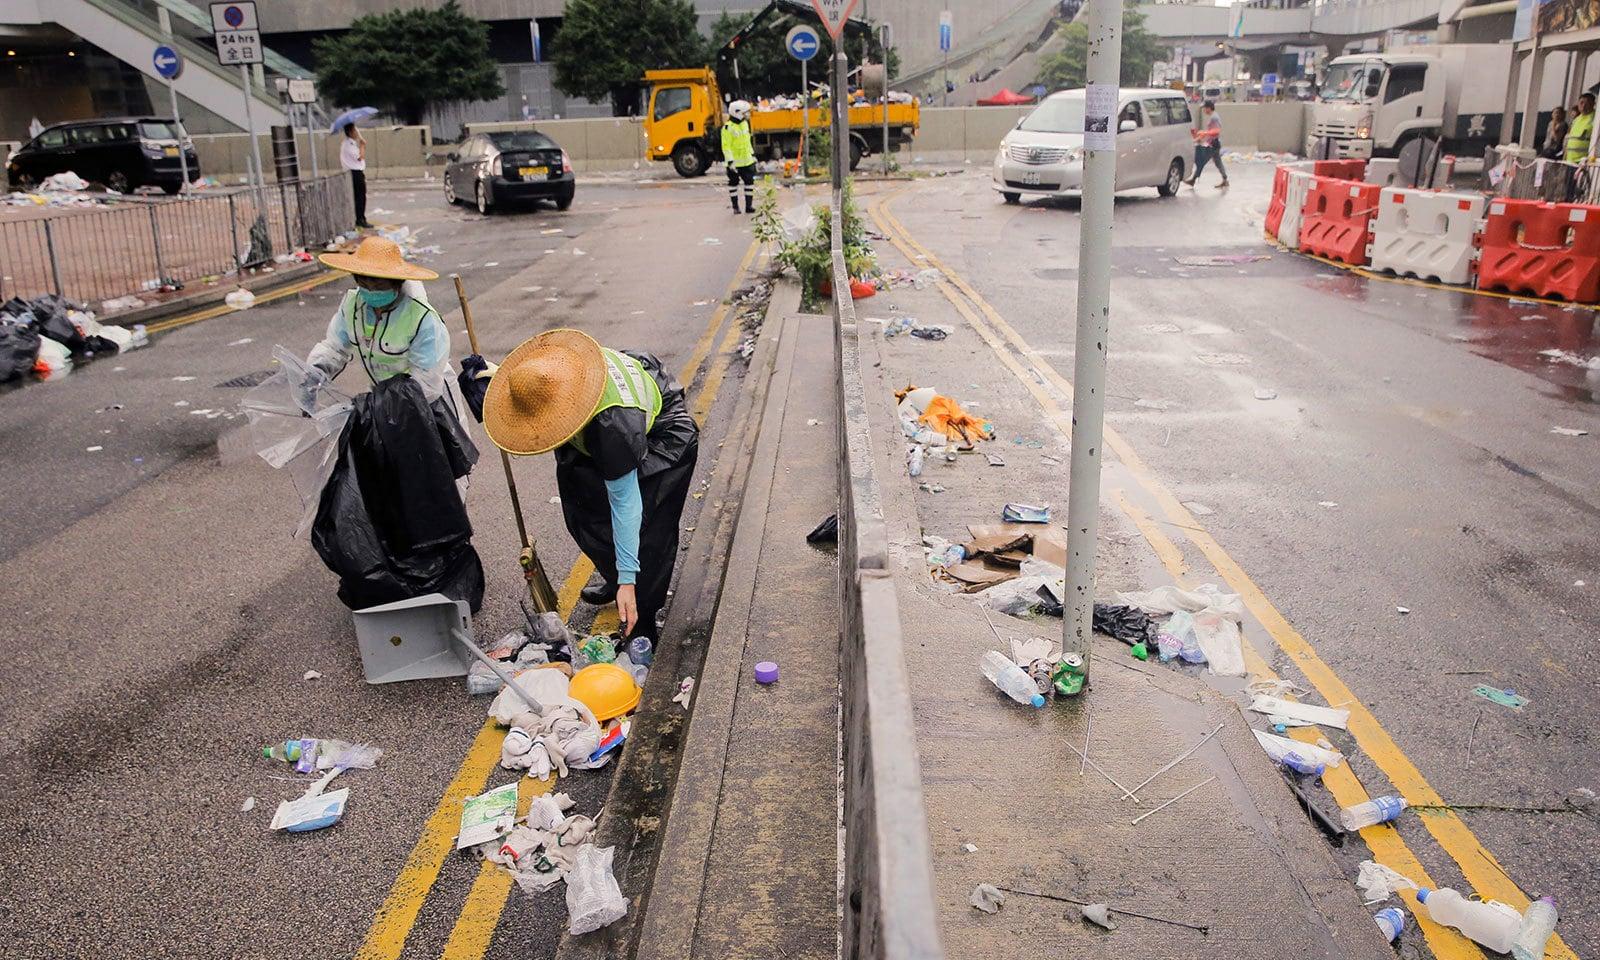 احتجاج کے بعد شہر کی سڑکوں کی صورتحال ابترر دکھائی دی — فوٹو: رائٹرز